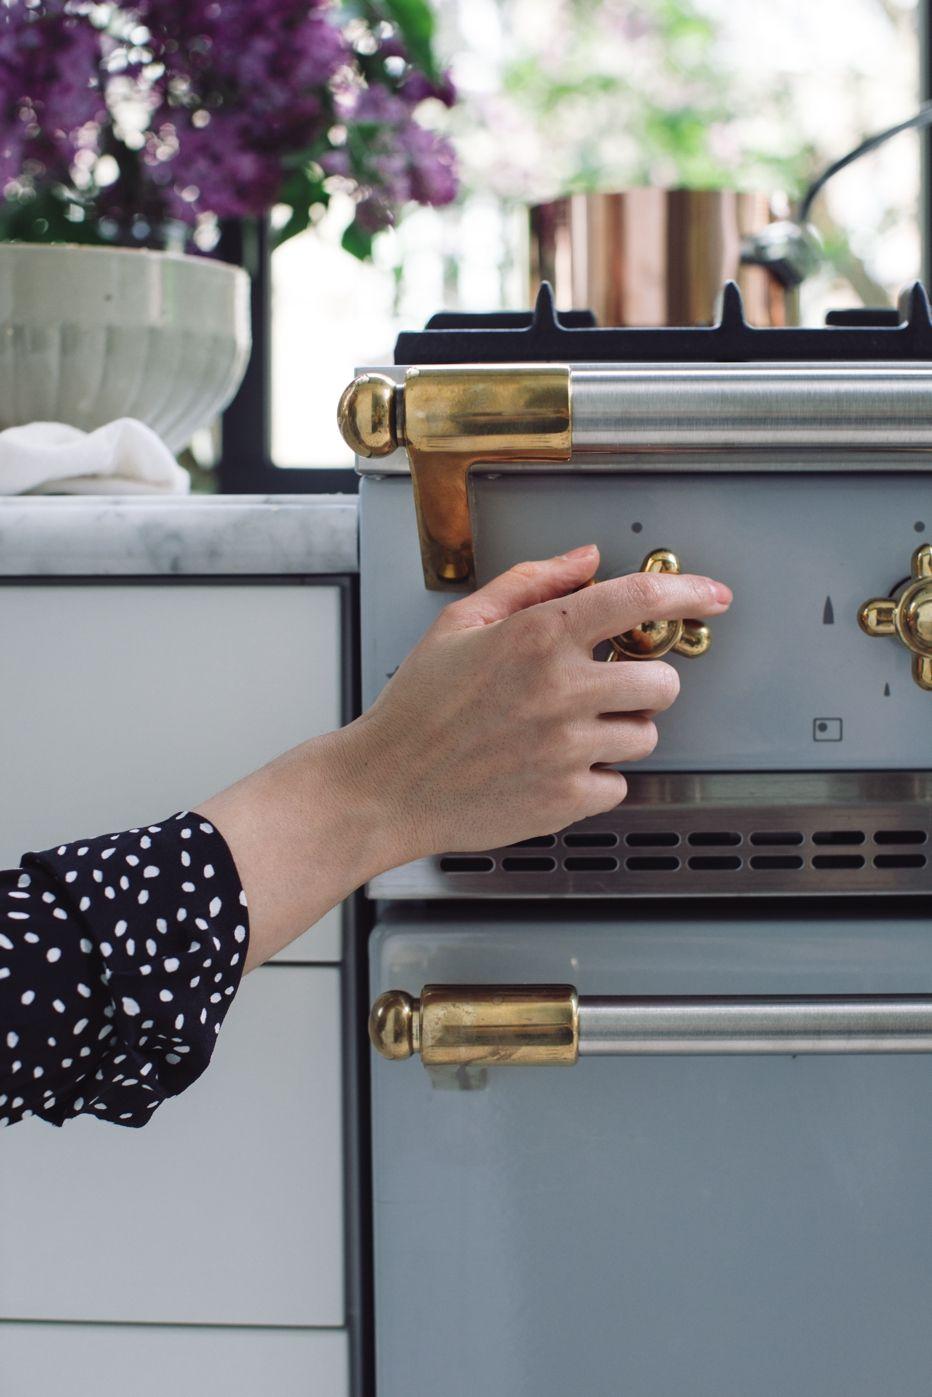 Kwiaty Bzu Placki Ziemniaczane Mojej Babci I Nowe Serce Domu Make Life Easier Real Kitchen Rustic Apartment Cottage Renovation